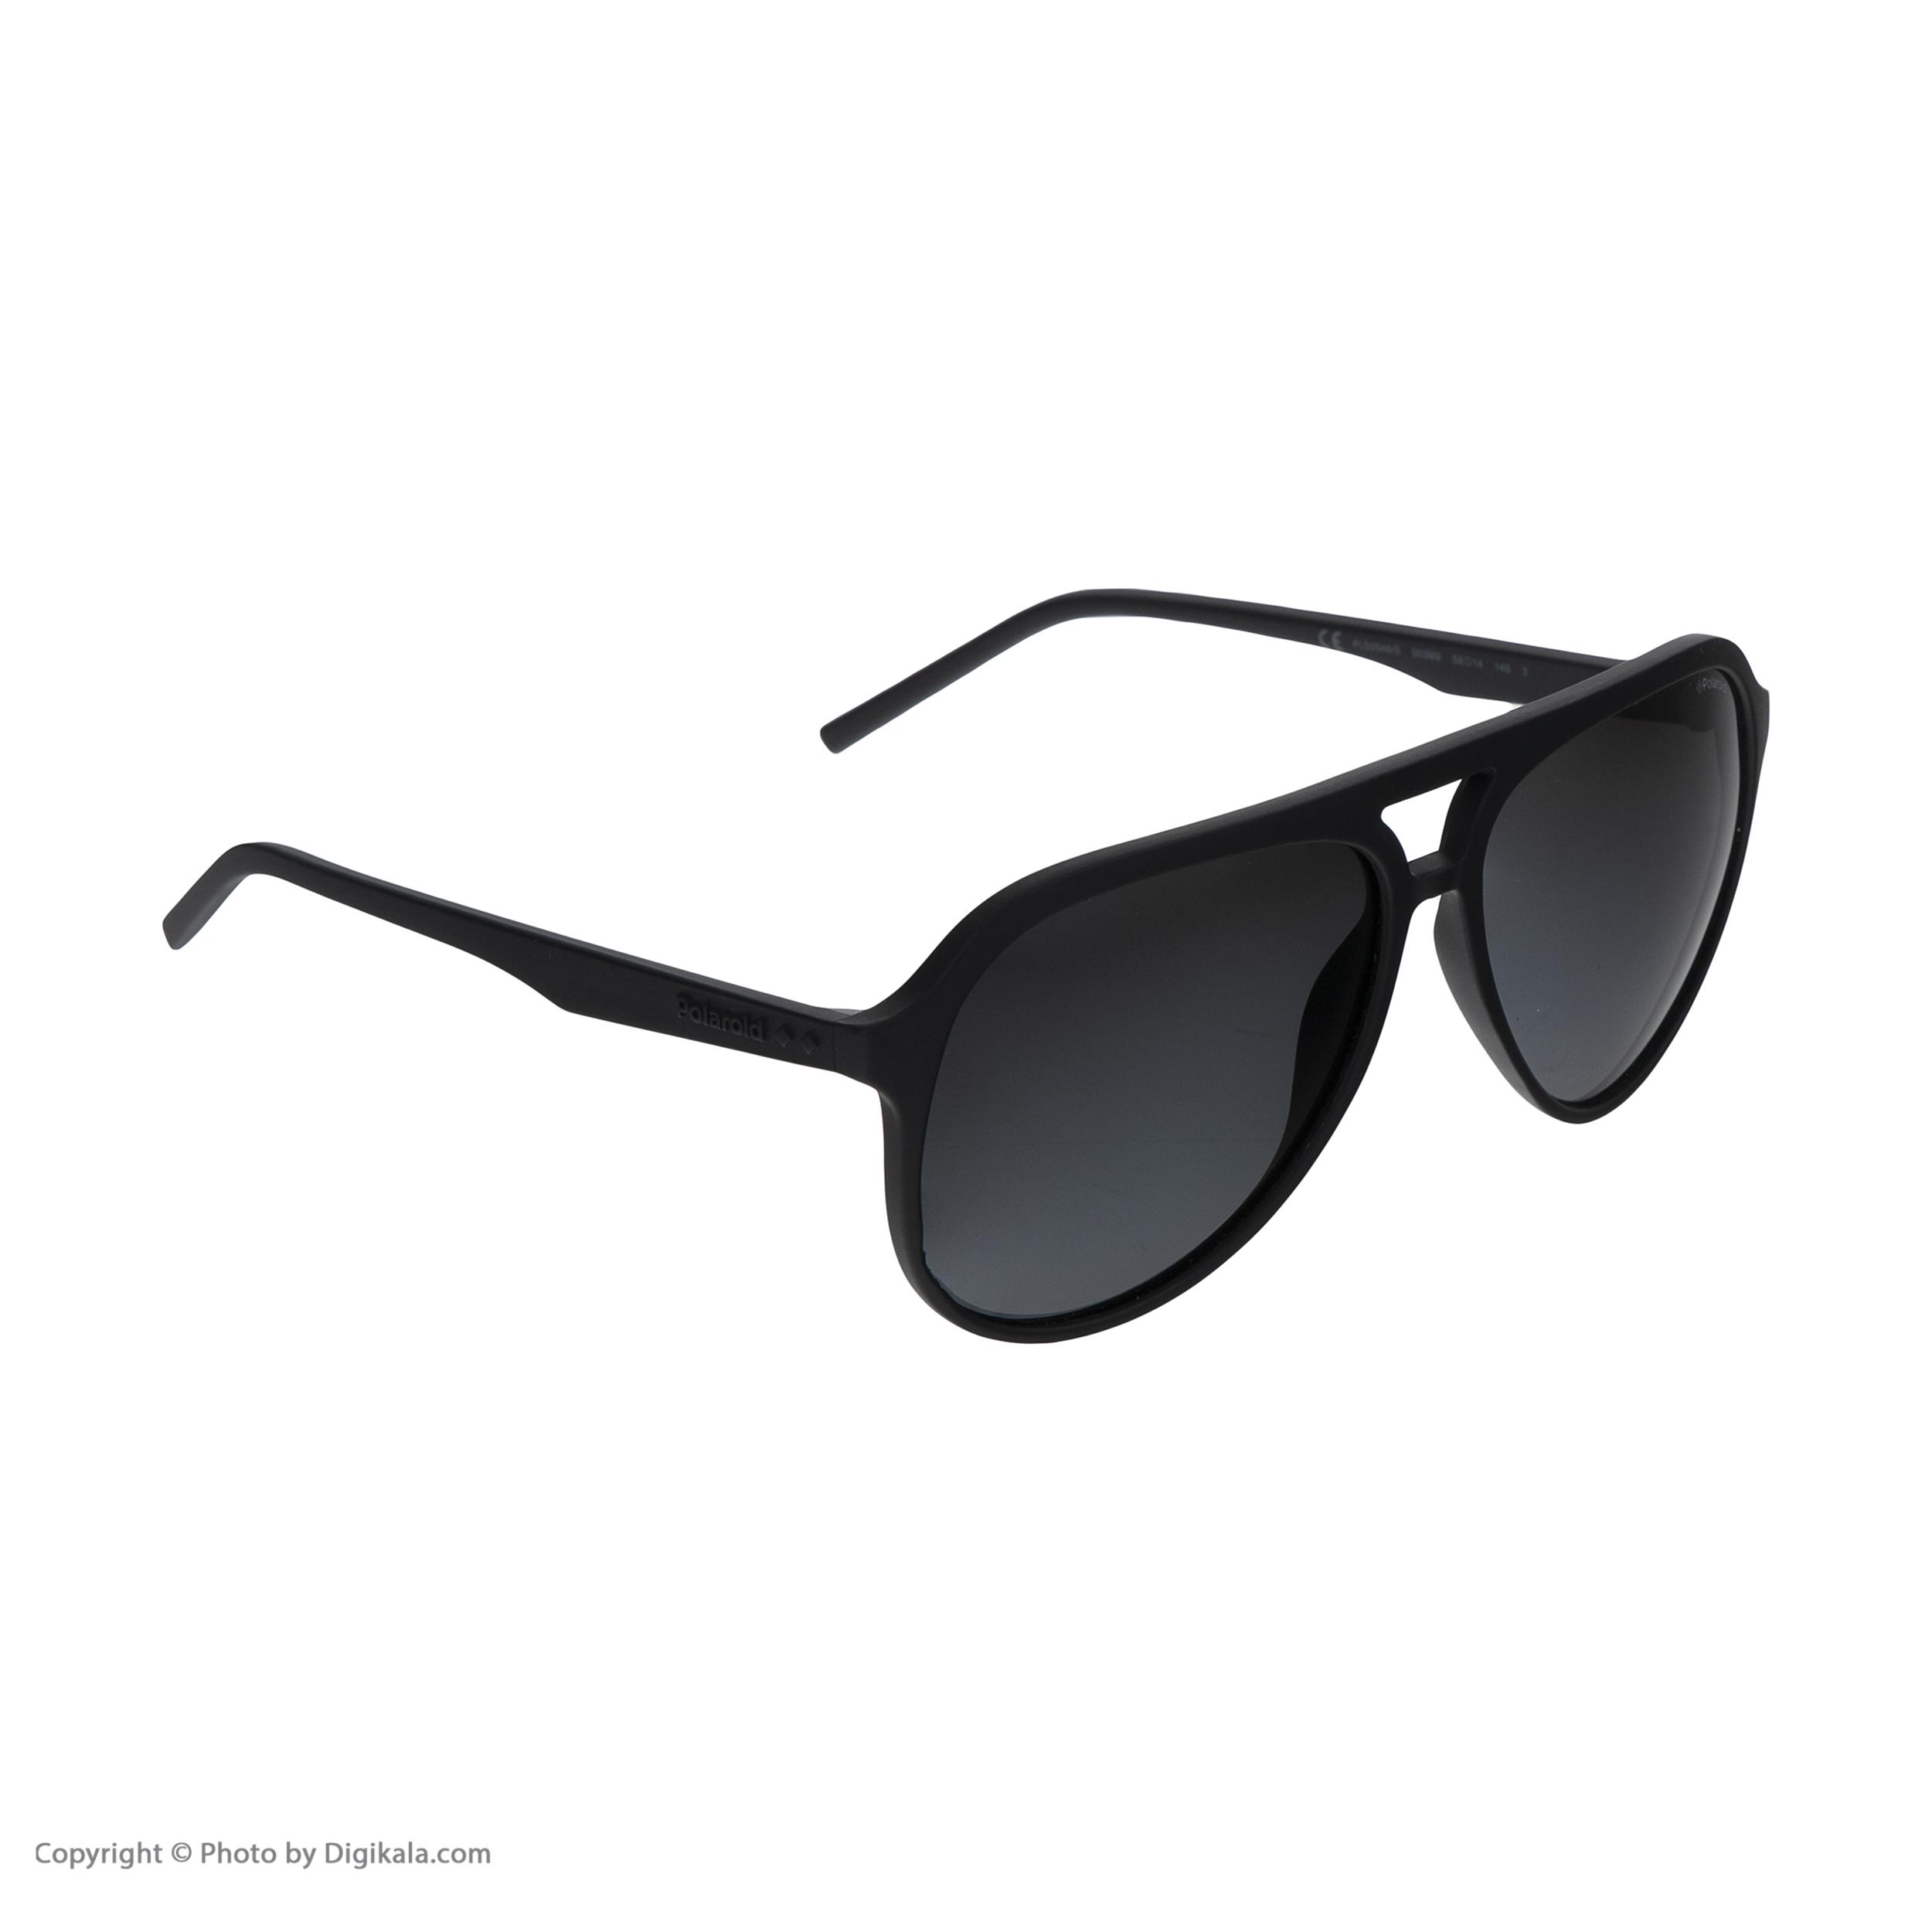 عینک آفتابی مردانه پولاروید مدل pld 2048-mattblack-59